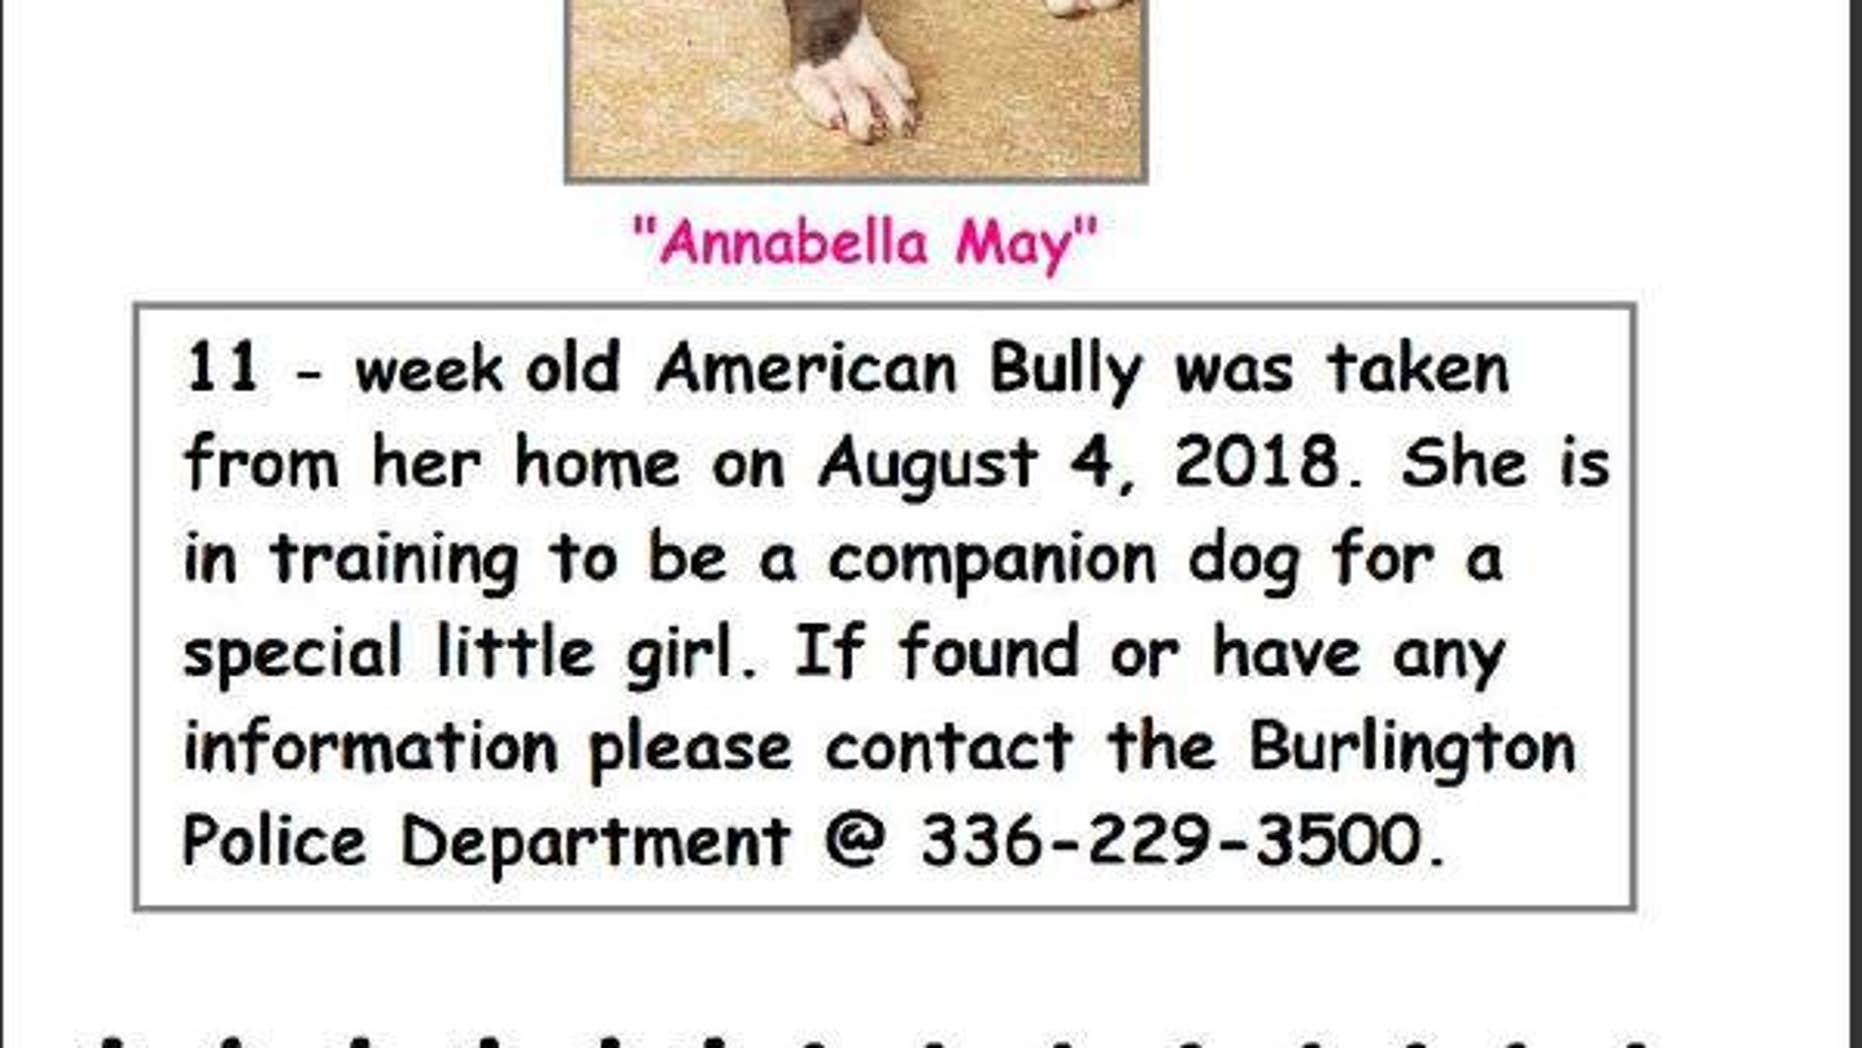 The puppy was stolen a week ago.